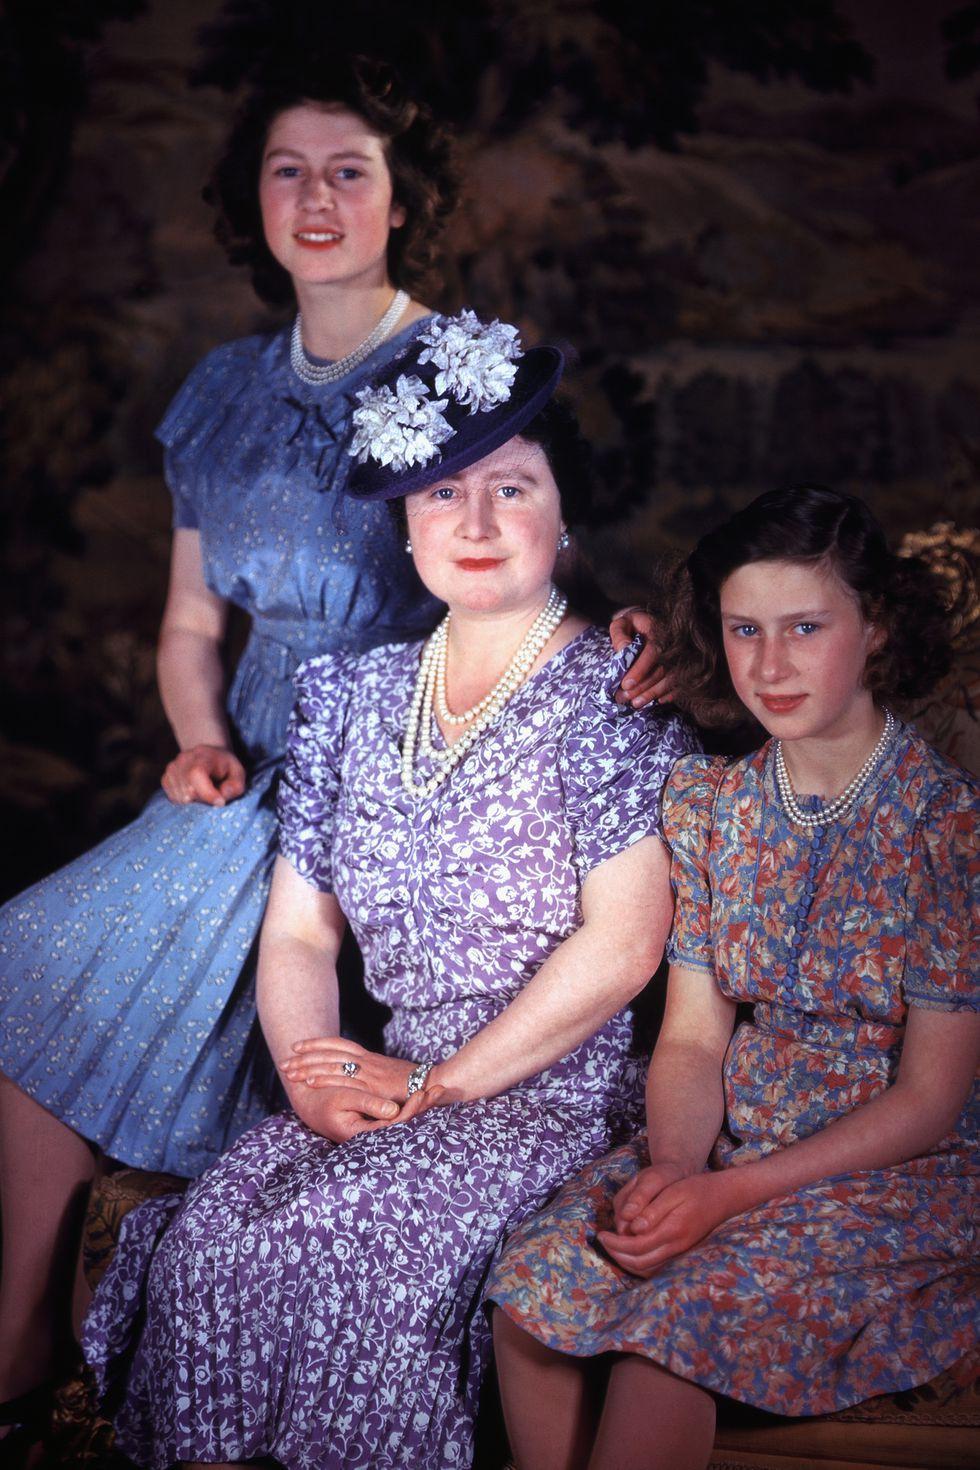 Xem 25 bức ảnh chân dung của Hoàng gia Anh, bạn sẽ hiểu thêm về 8 thế hệ của gia đình quyền lực này - Ảnh 7.